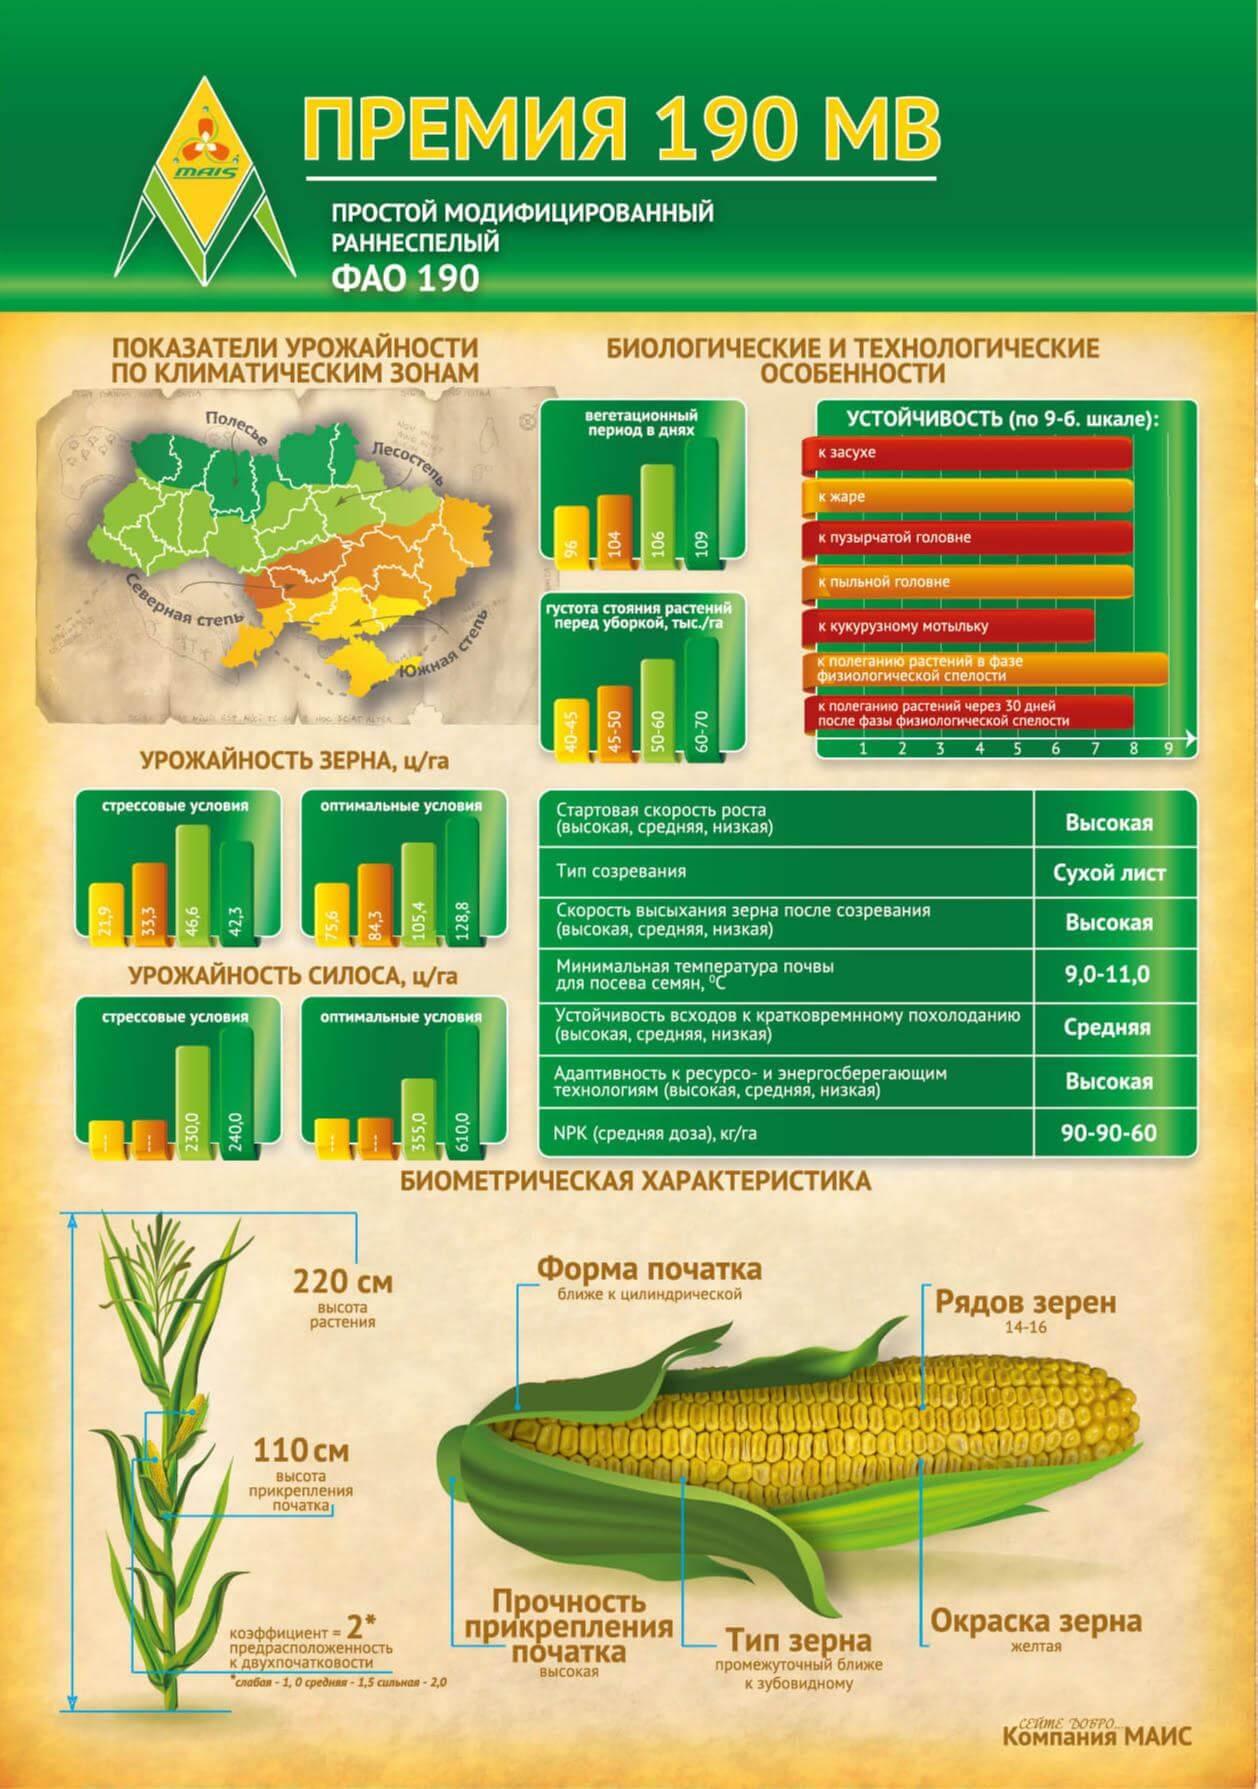 Семена кукурузы Премия 190 МВ МАИС.Купить.Цена